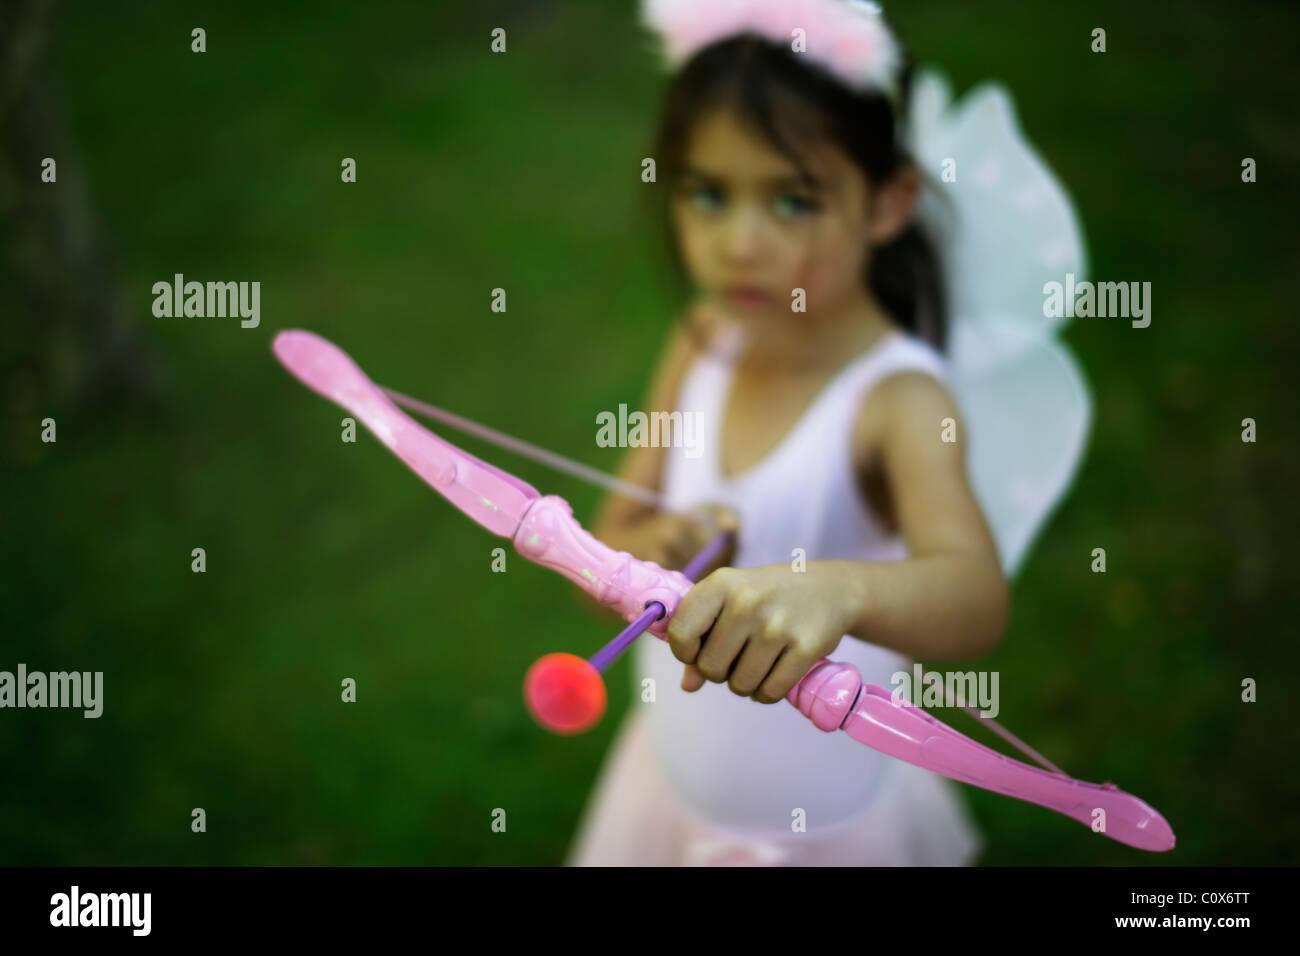 Bambina di cinque anni ragazza in fairy costume con fiocco rosa e la freccia Immagini Stock